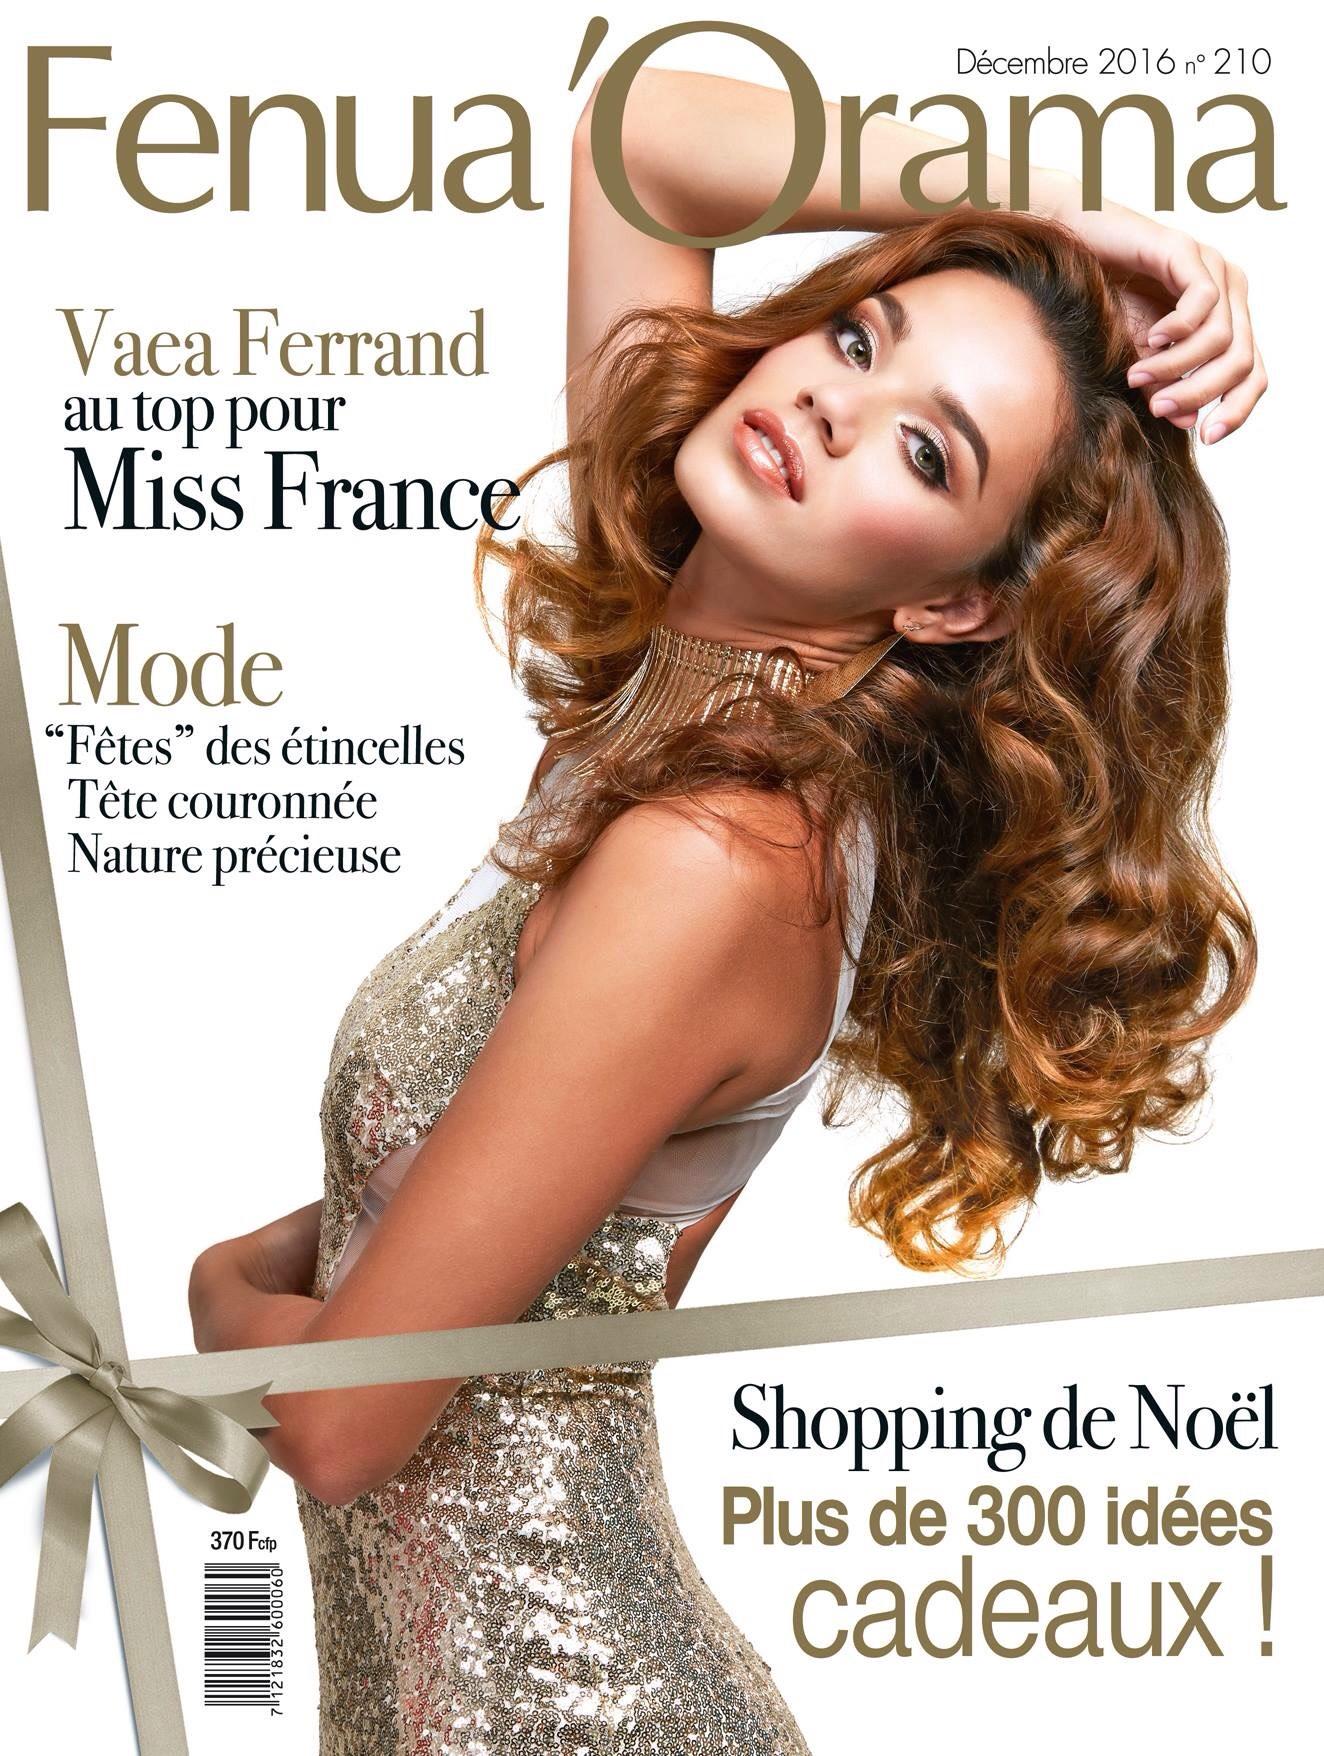 Fenua'Orama - December 2016 - Fashion